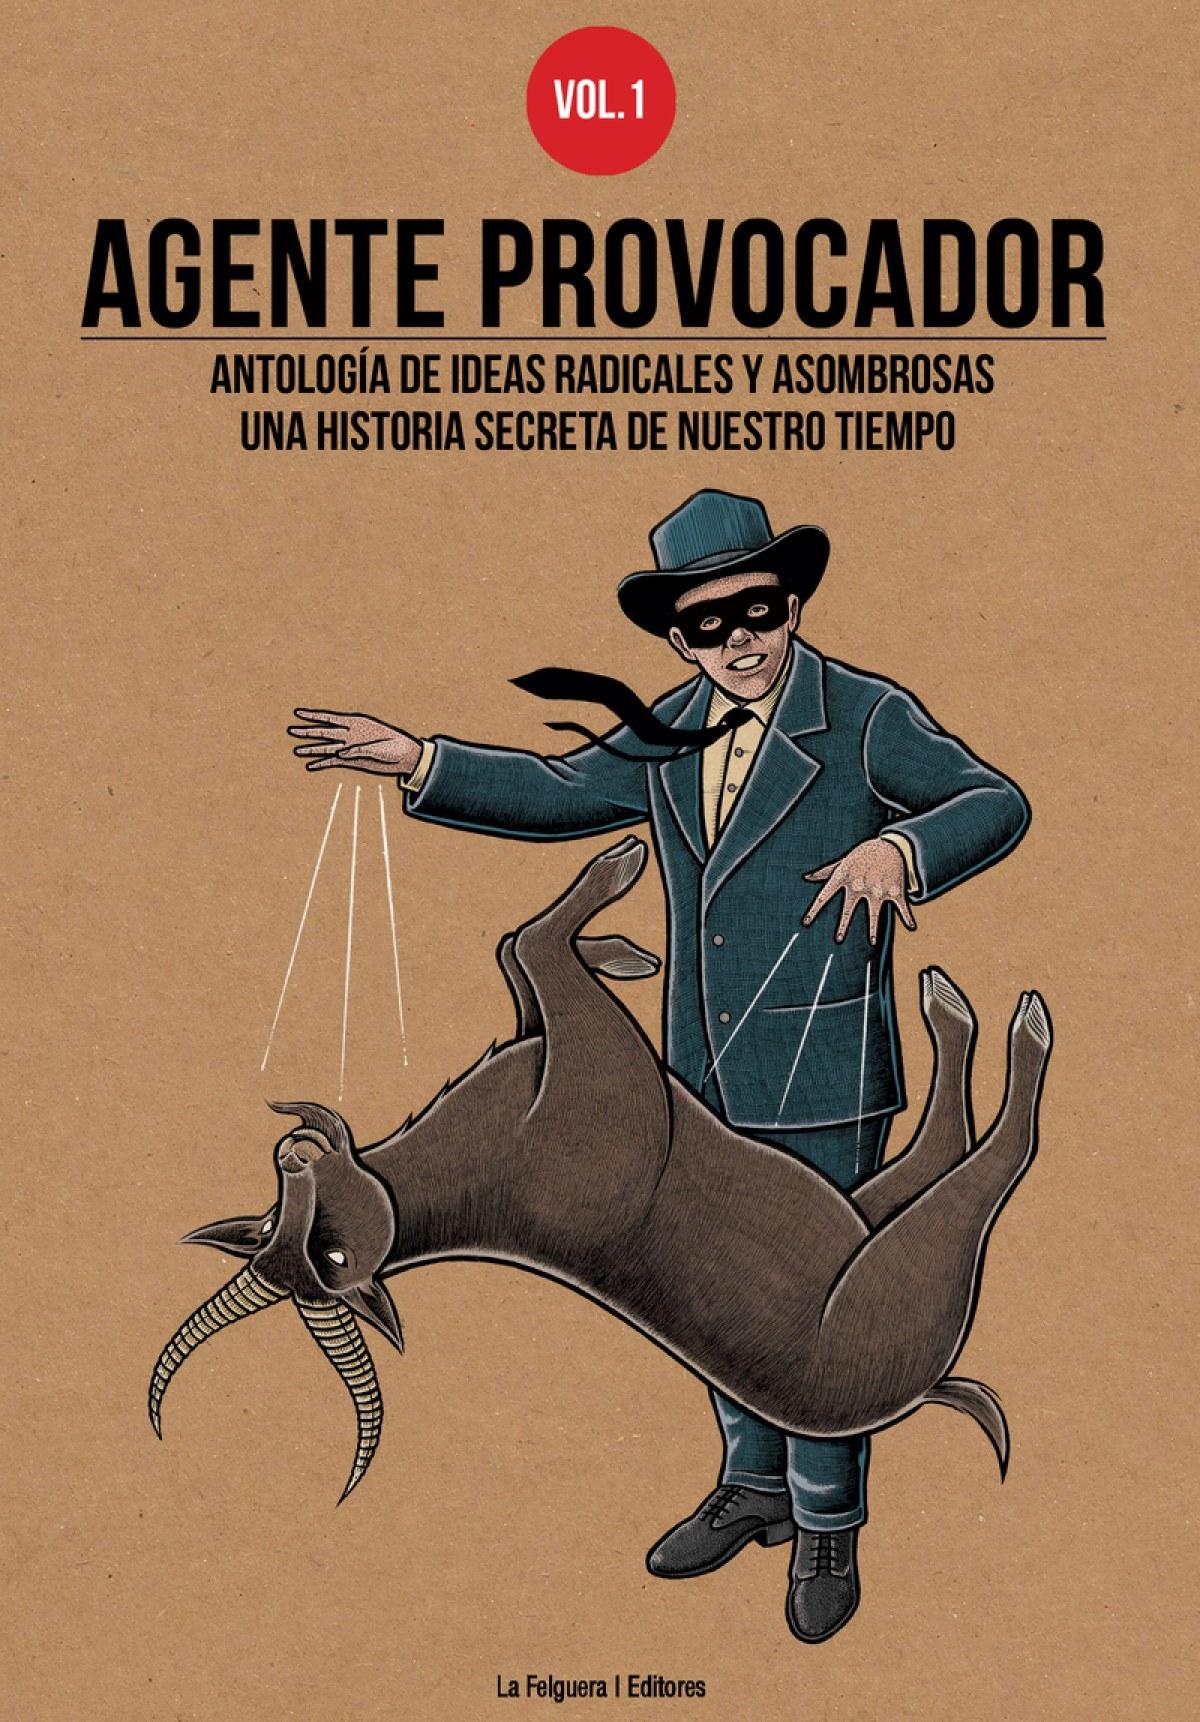 AGENTE PROVOCADOR VOLUMEN 1